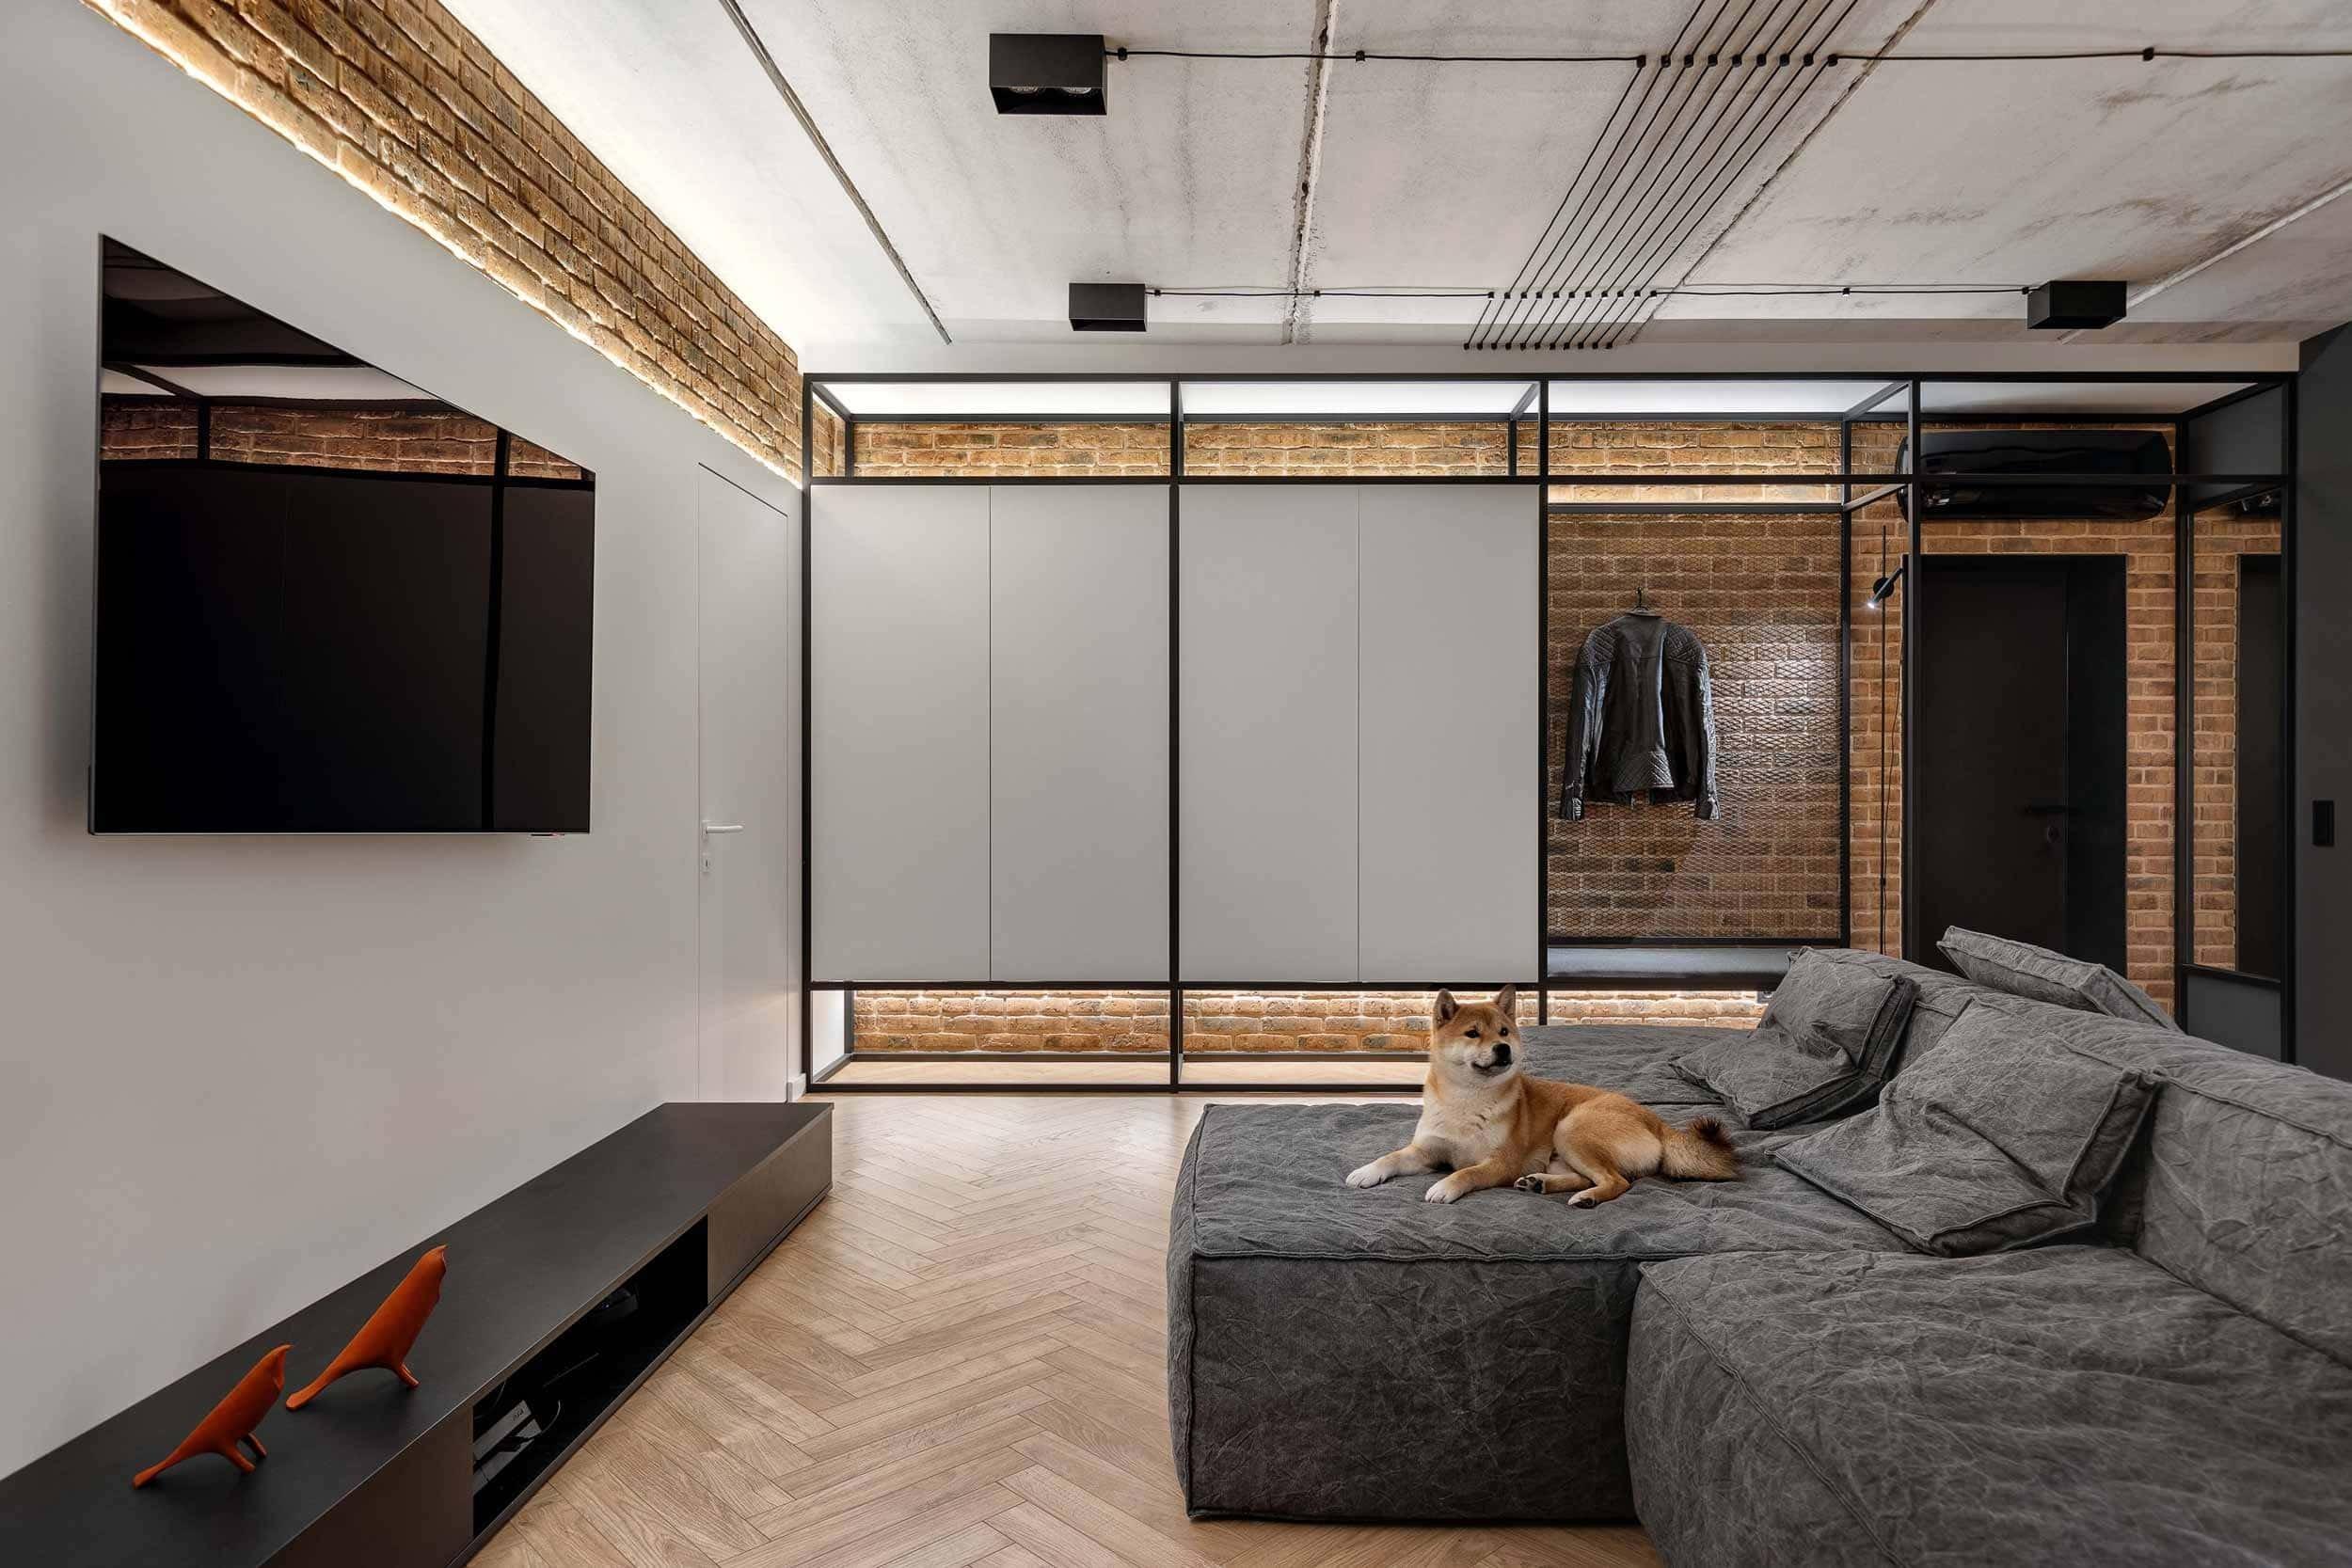 Interiérové studio Bondarenko Design navrhlo ohromující podkrovní byt v Charkově na Ukrajině. Odvážná rozhodnutí, přírodní materiály a základní barvy jsou hlavní charakteristikou projektu Čtyři textury. Správná organizace prostoru umožnila vizuálně zvětšit objem místnosti. Industriální styl je zjemněný dřevem a paletou neutrálních barev. Výsledek je famózní.